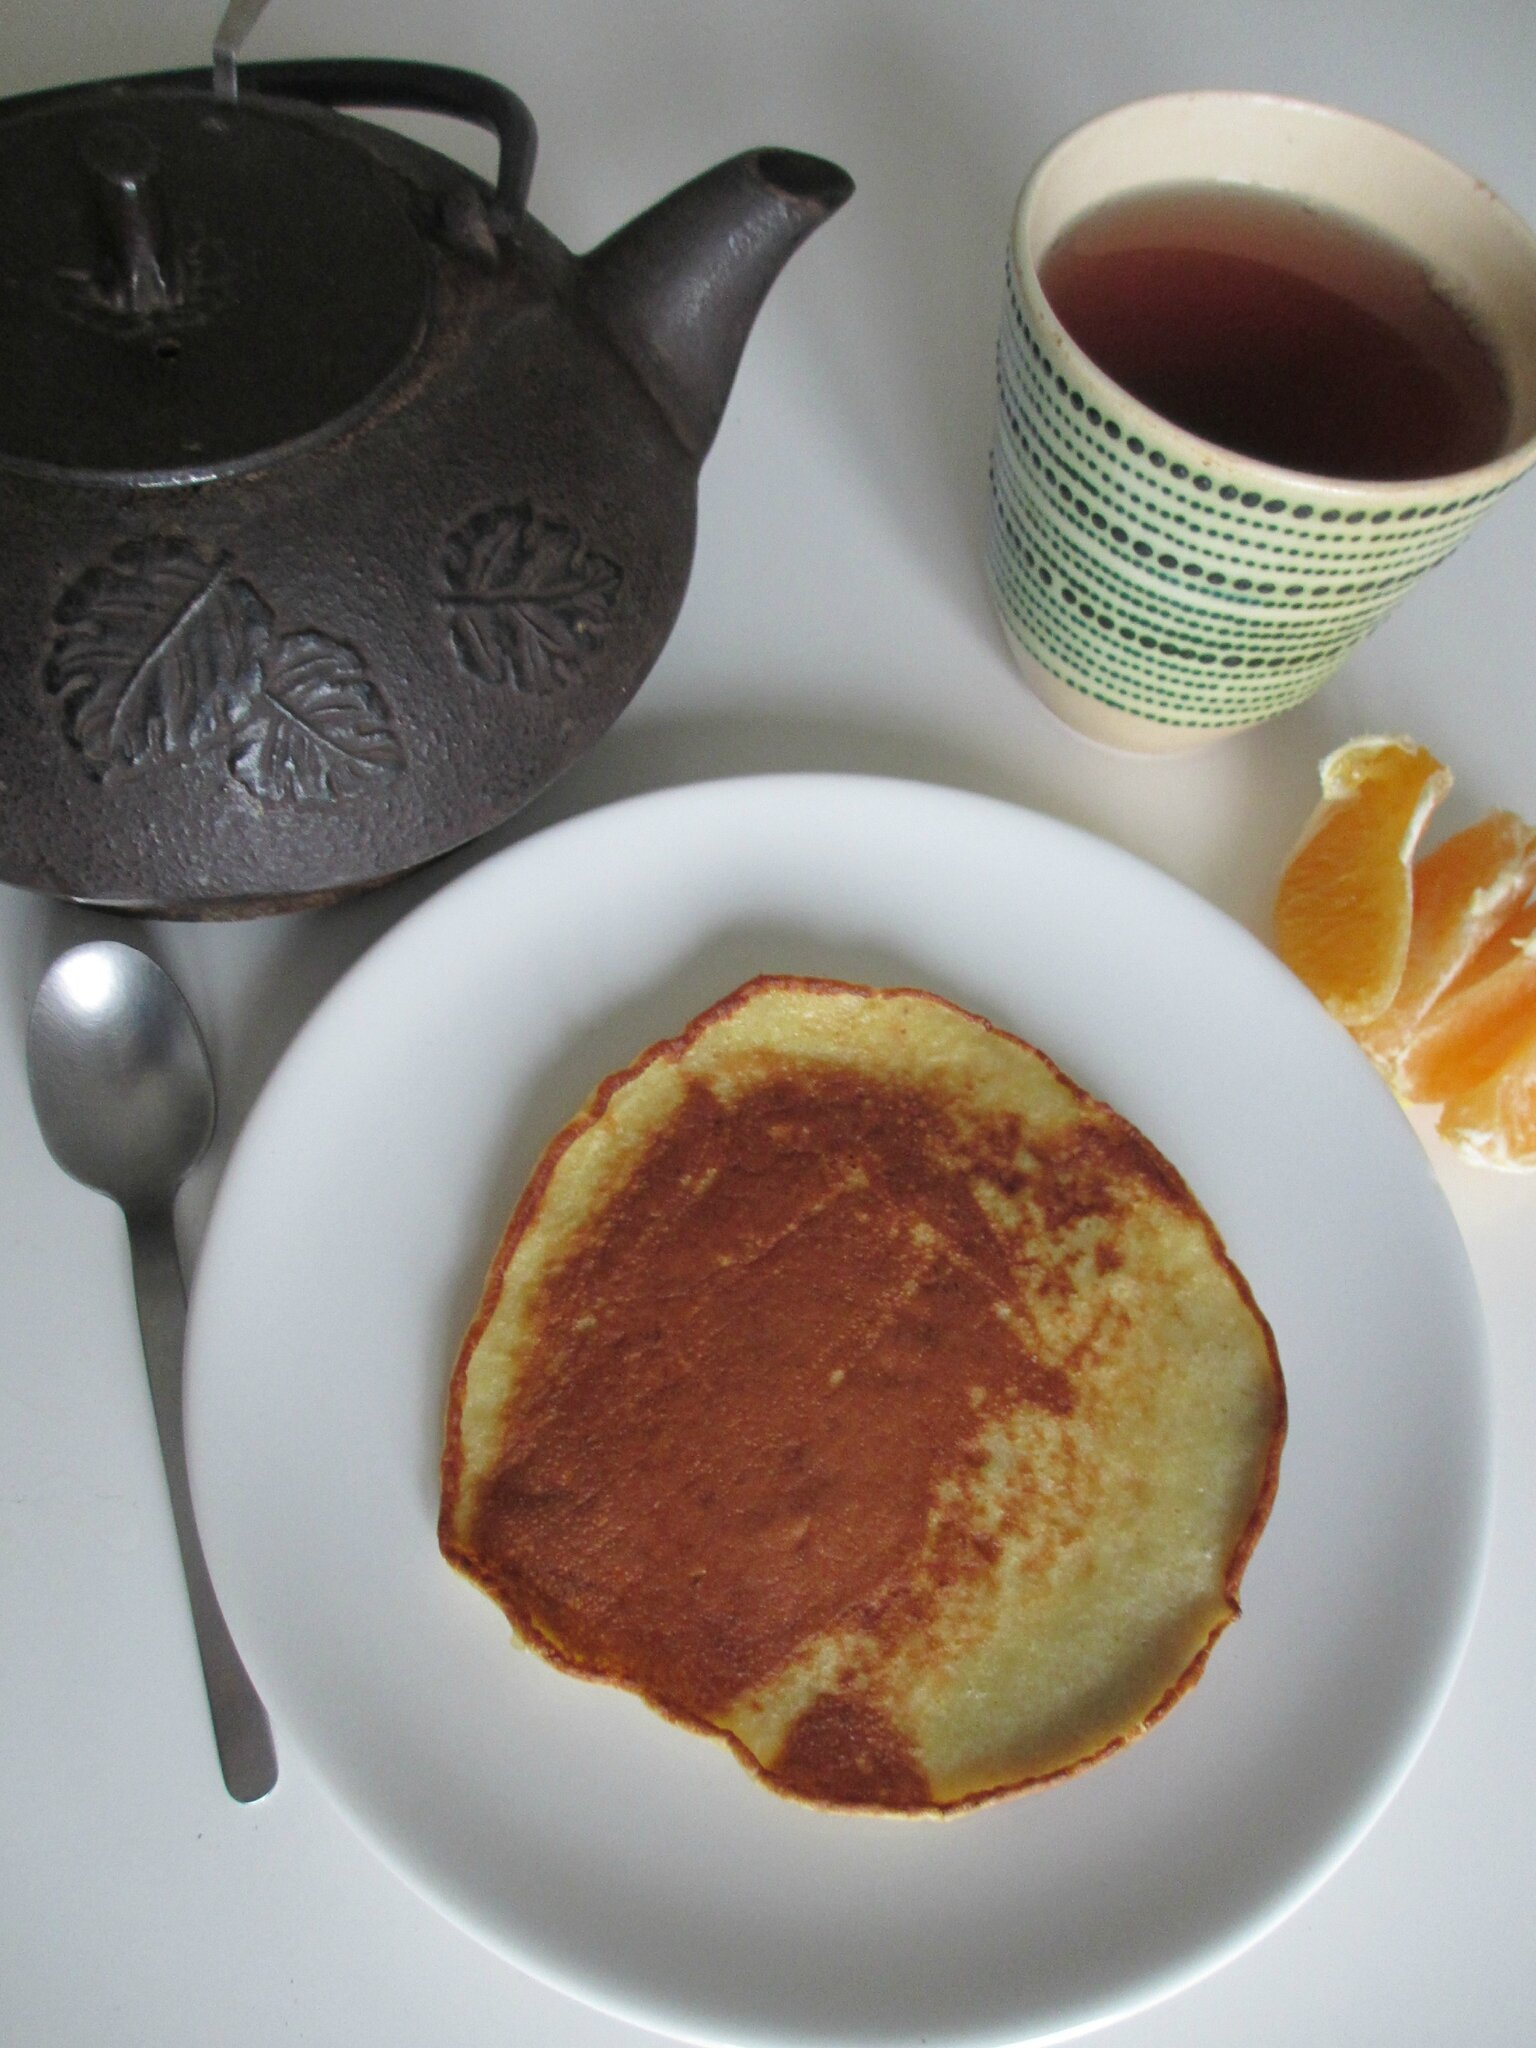 pancakes la banane sans gluten sans lait kmille saveurs. Black Bedroom Furniture Sets. Home Design Ideas